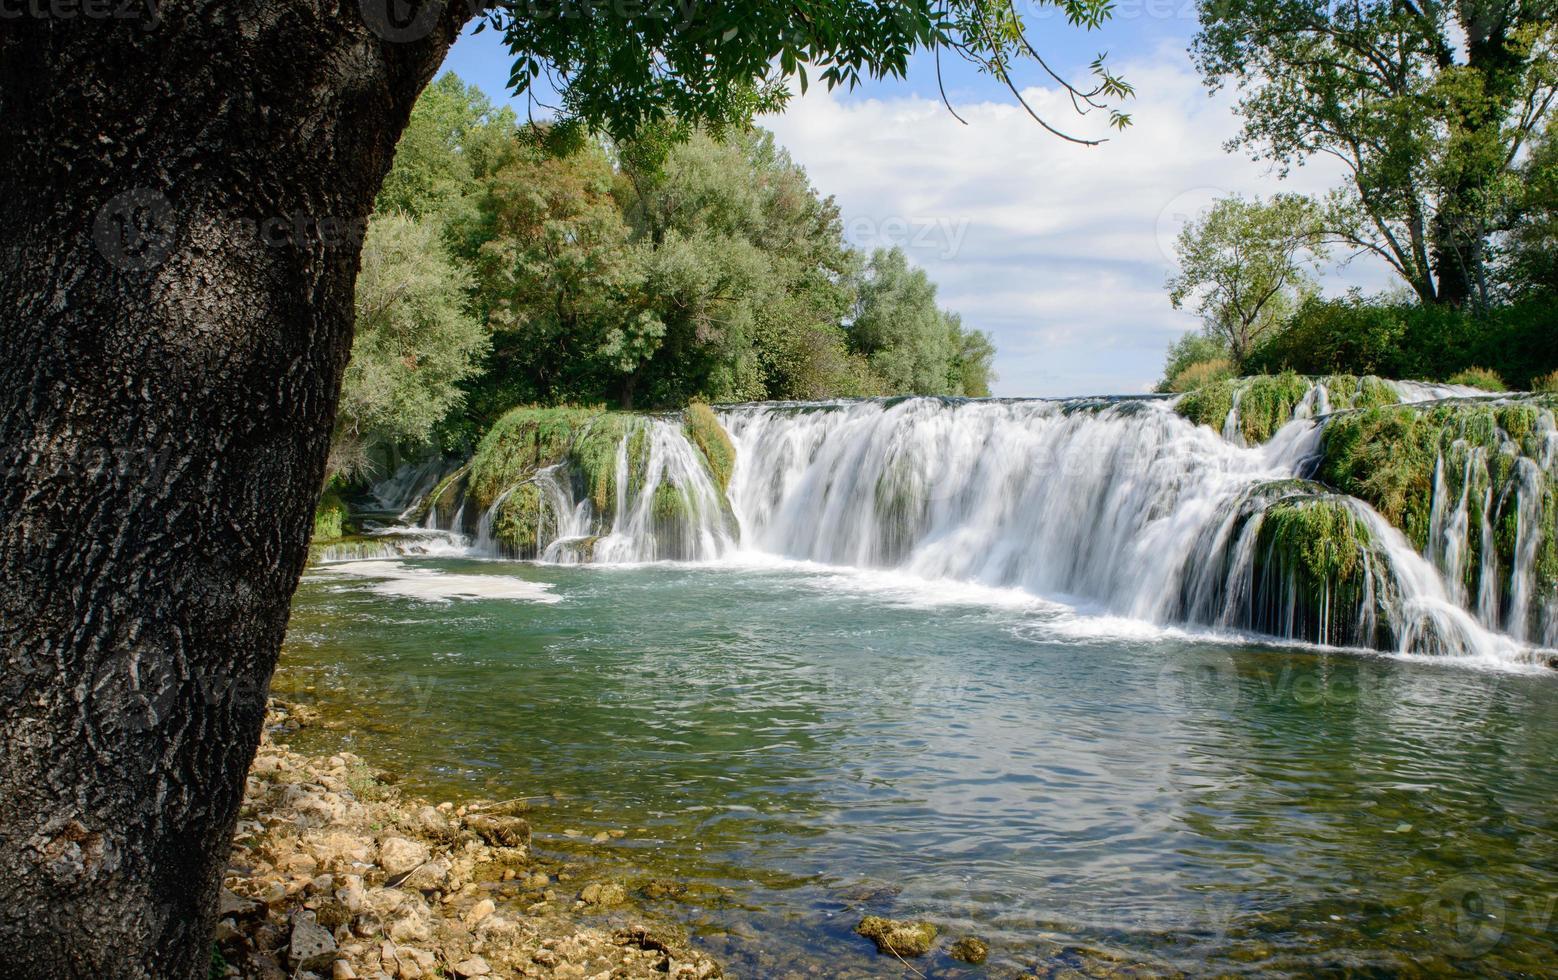 bella cascata d'acqua caduta foto